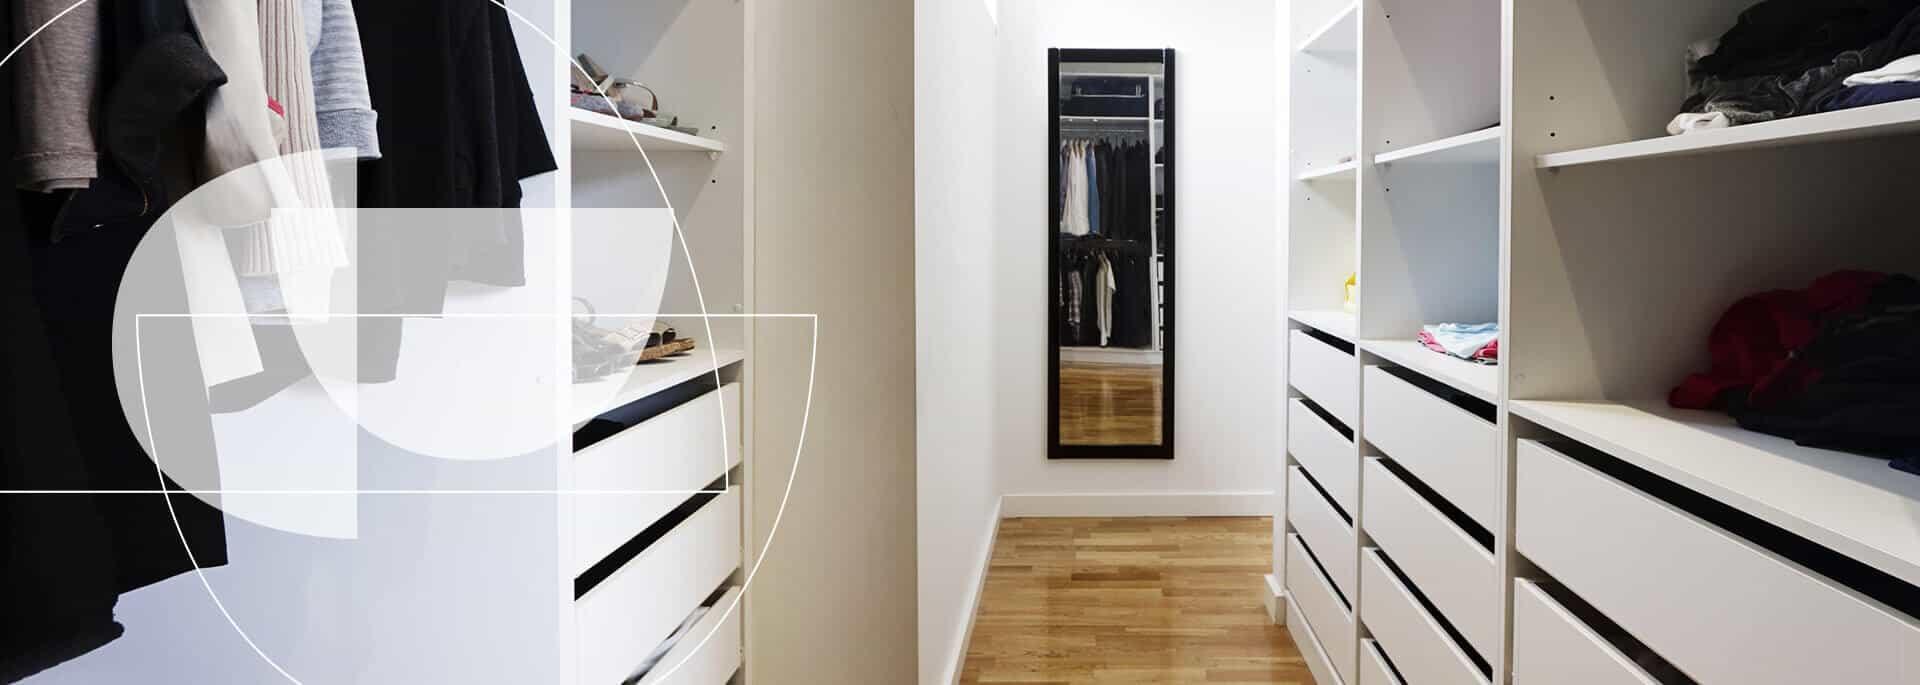 Closets en madera de excelente manofactura y diseño - Spacios Integrales